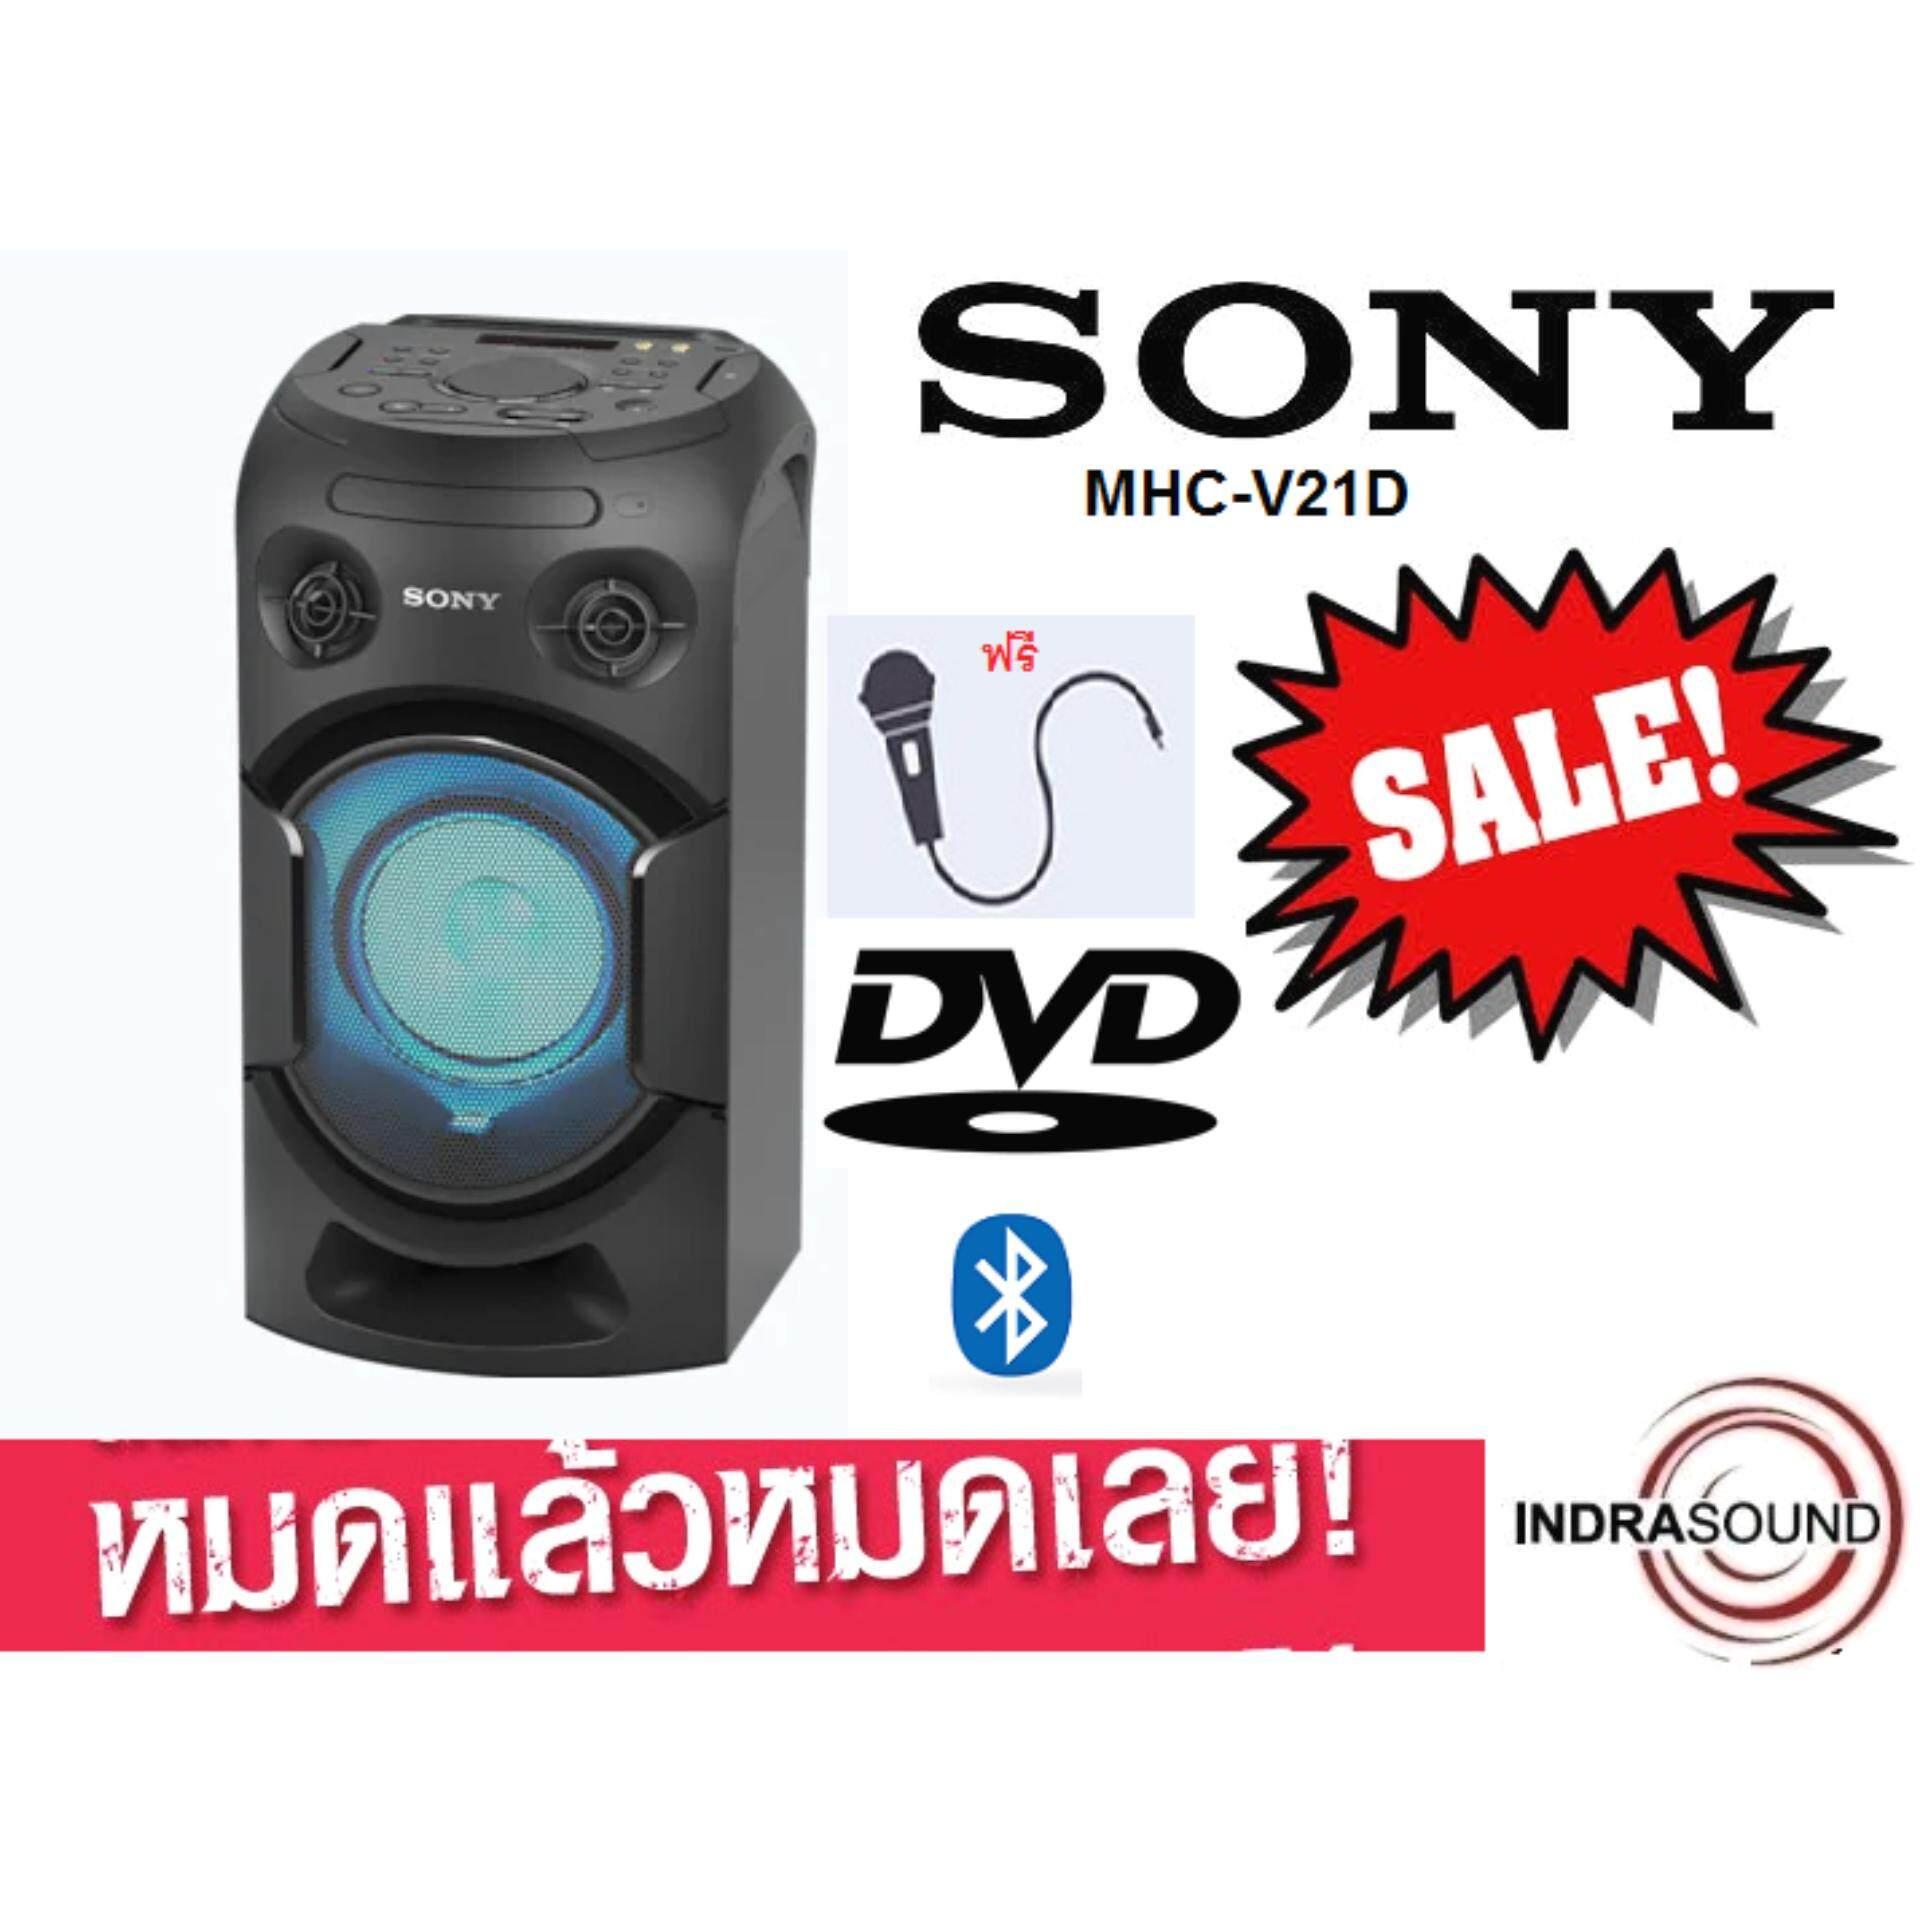 ยี่ห้อนี้ดีไหม  พังงา เครื่องเสียง SONY  V-series รุ่น MHC-V21D เอาอยู่ทุกปารืตี้ด้วยกำลังพลังเสียง 470w.มีช่องต่อกีต้าและไมค์ เล่นแผ่นDVD/VCD/MP3/USB Bluetooth NFCมี SUBในตัวสุดยอด แถมSONY ไมค์ไว้ร้องเพลงฟรีในกล่อง